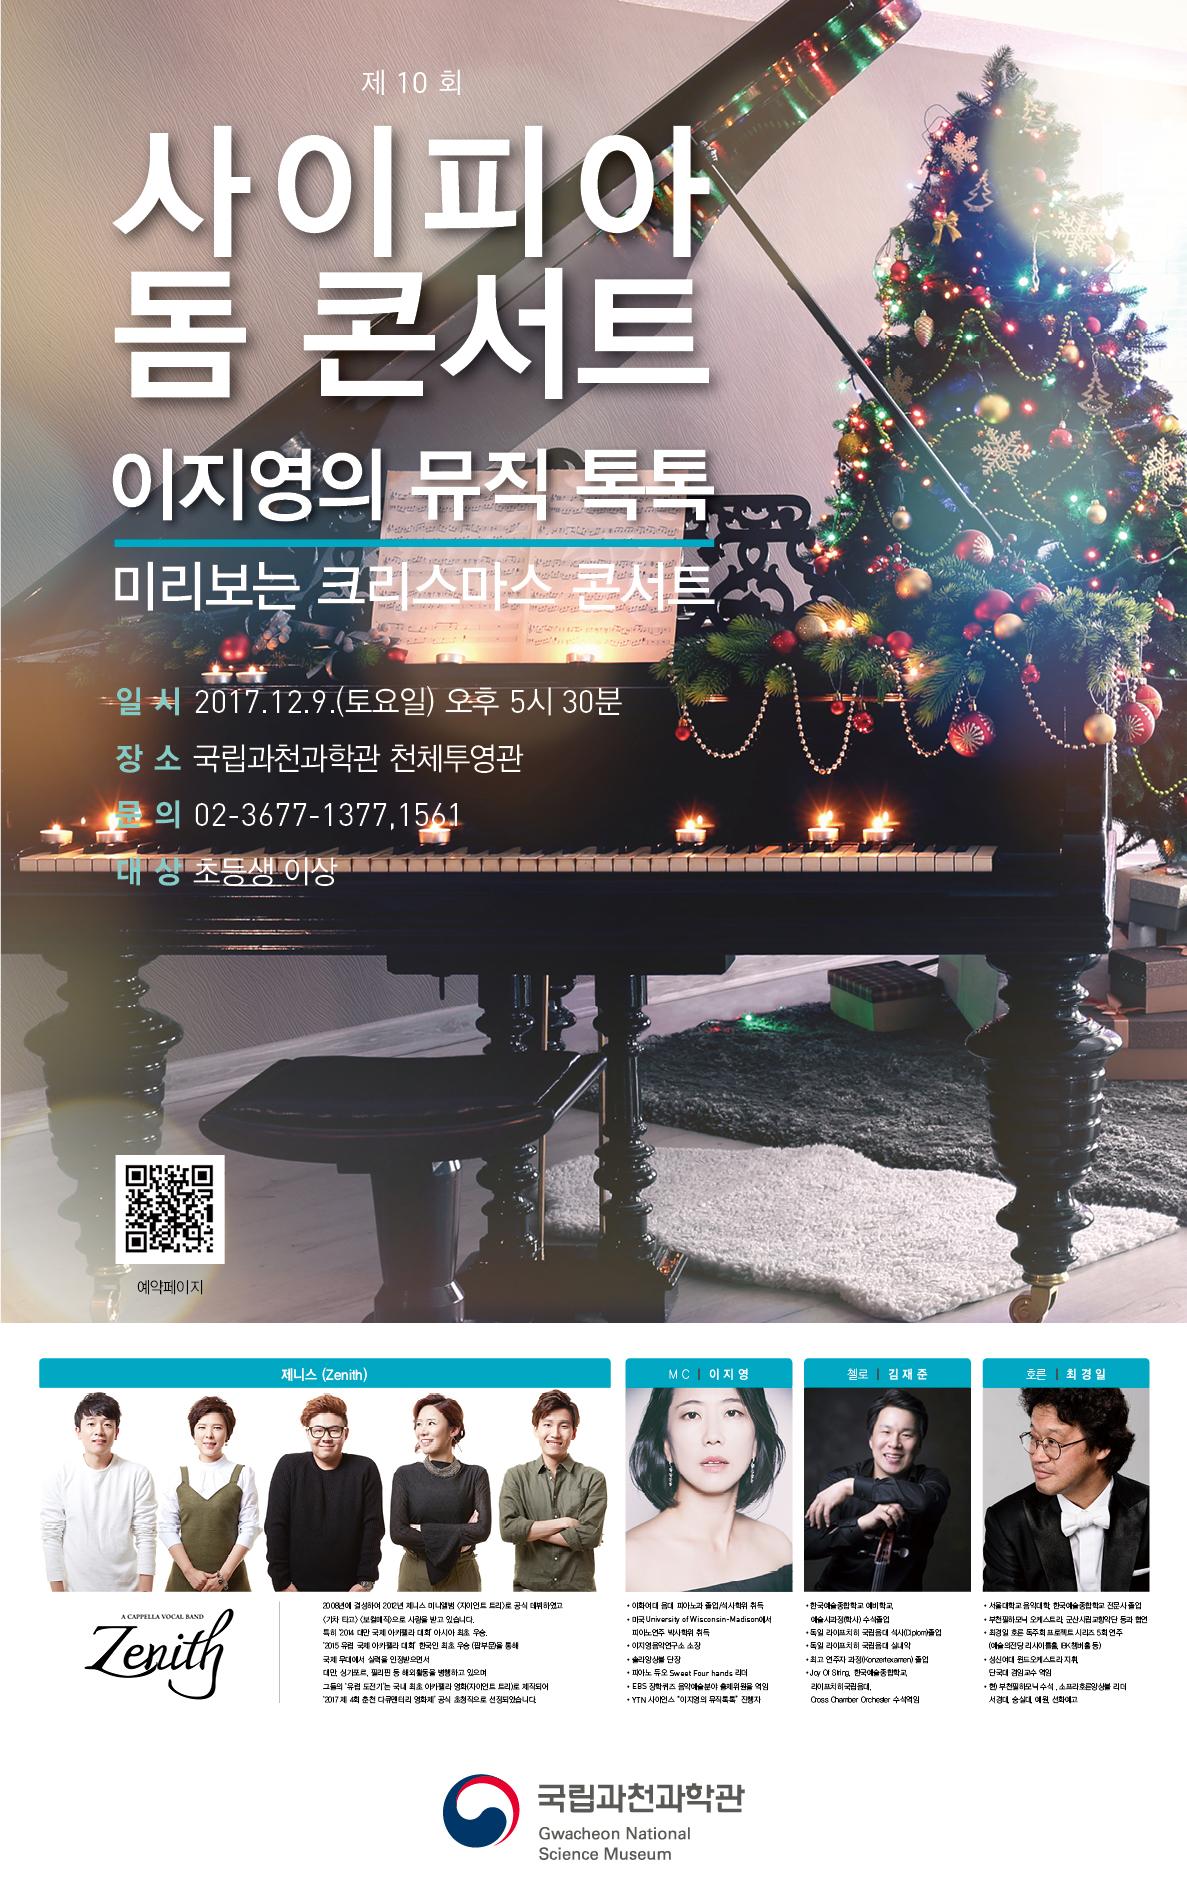 [천체투영관] 제10회 사이피아 돔 콘서트 - 미리보는 크리스마스 콘서트 12.9(토)